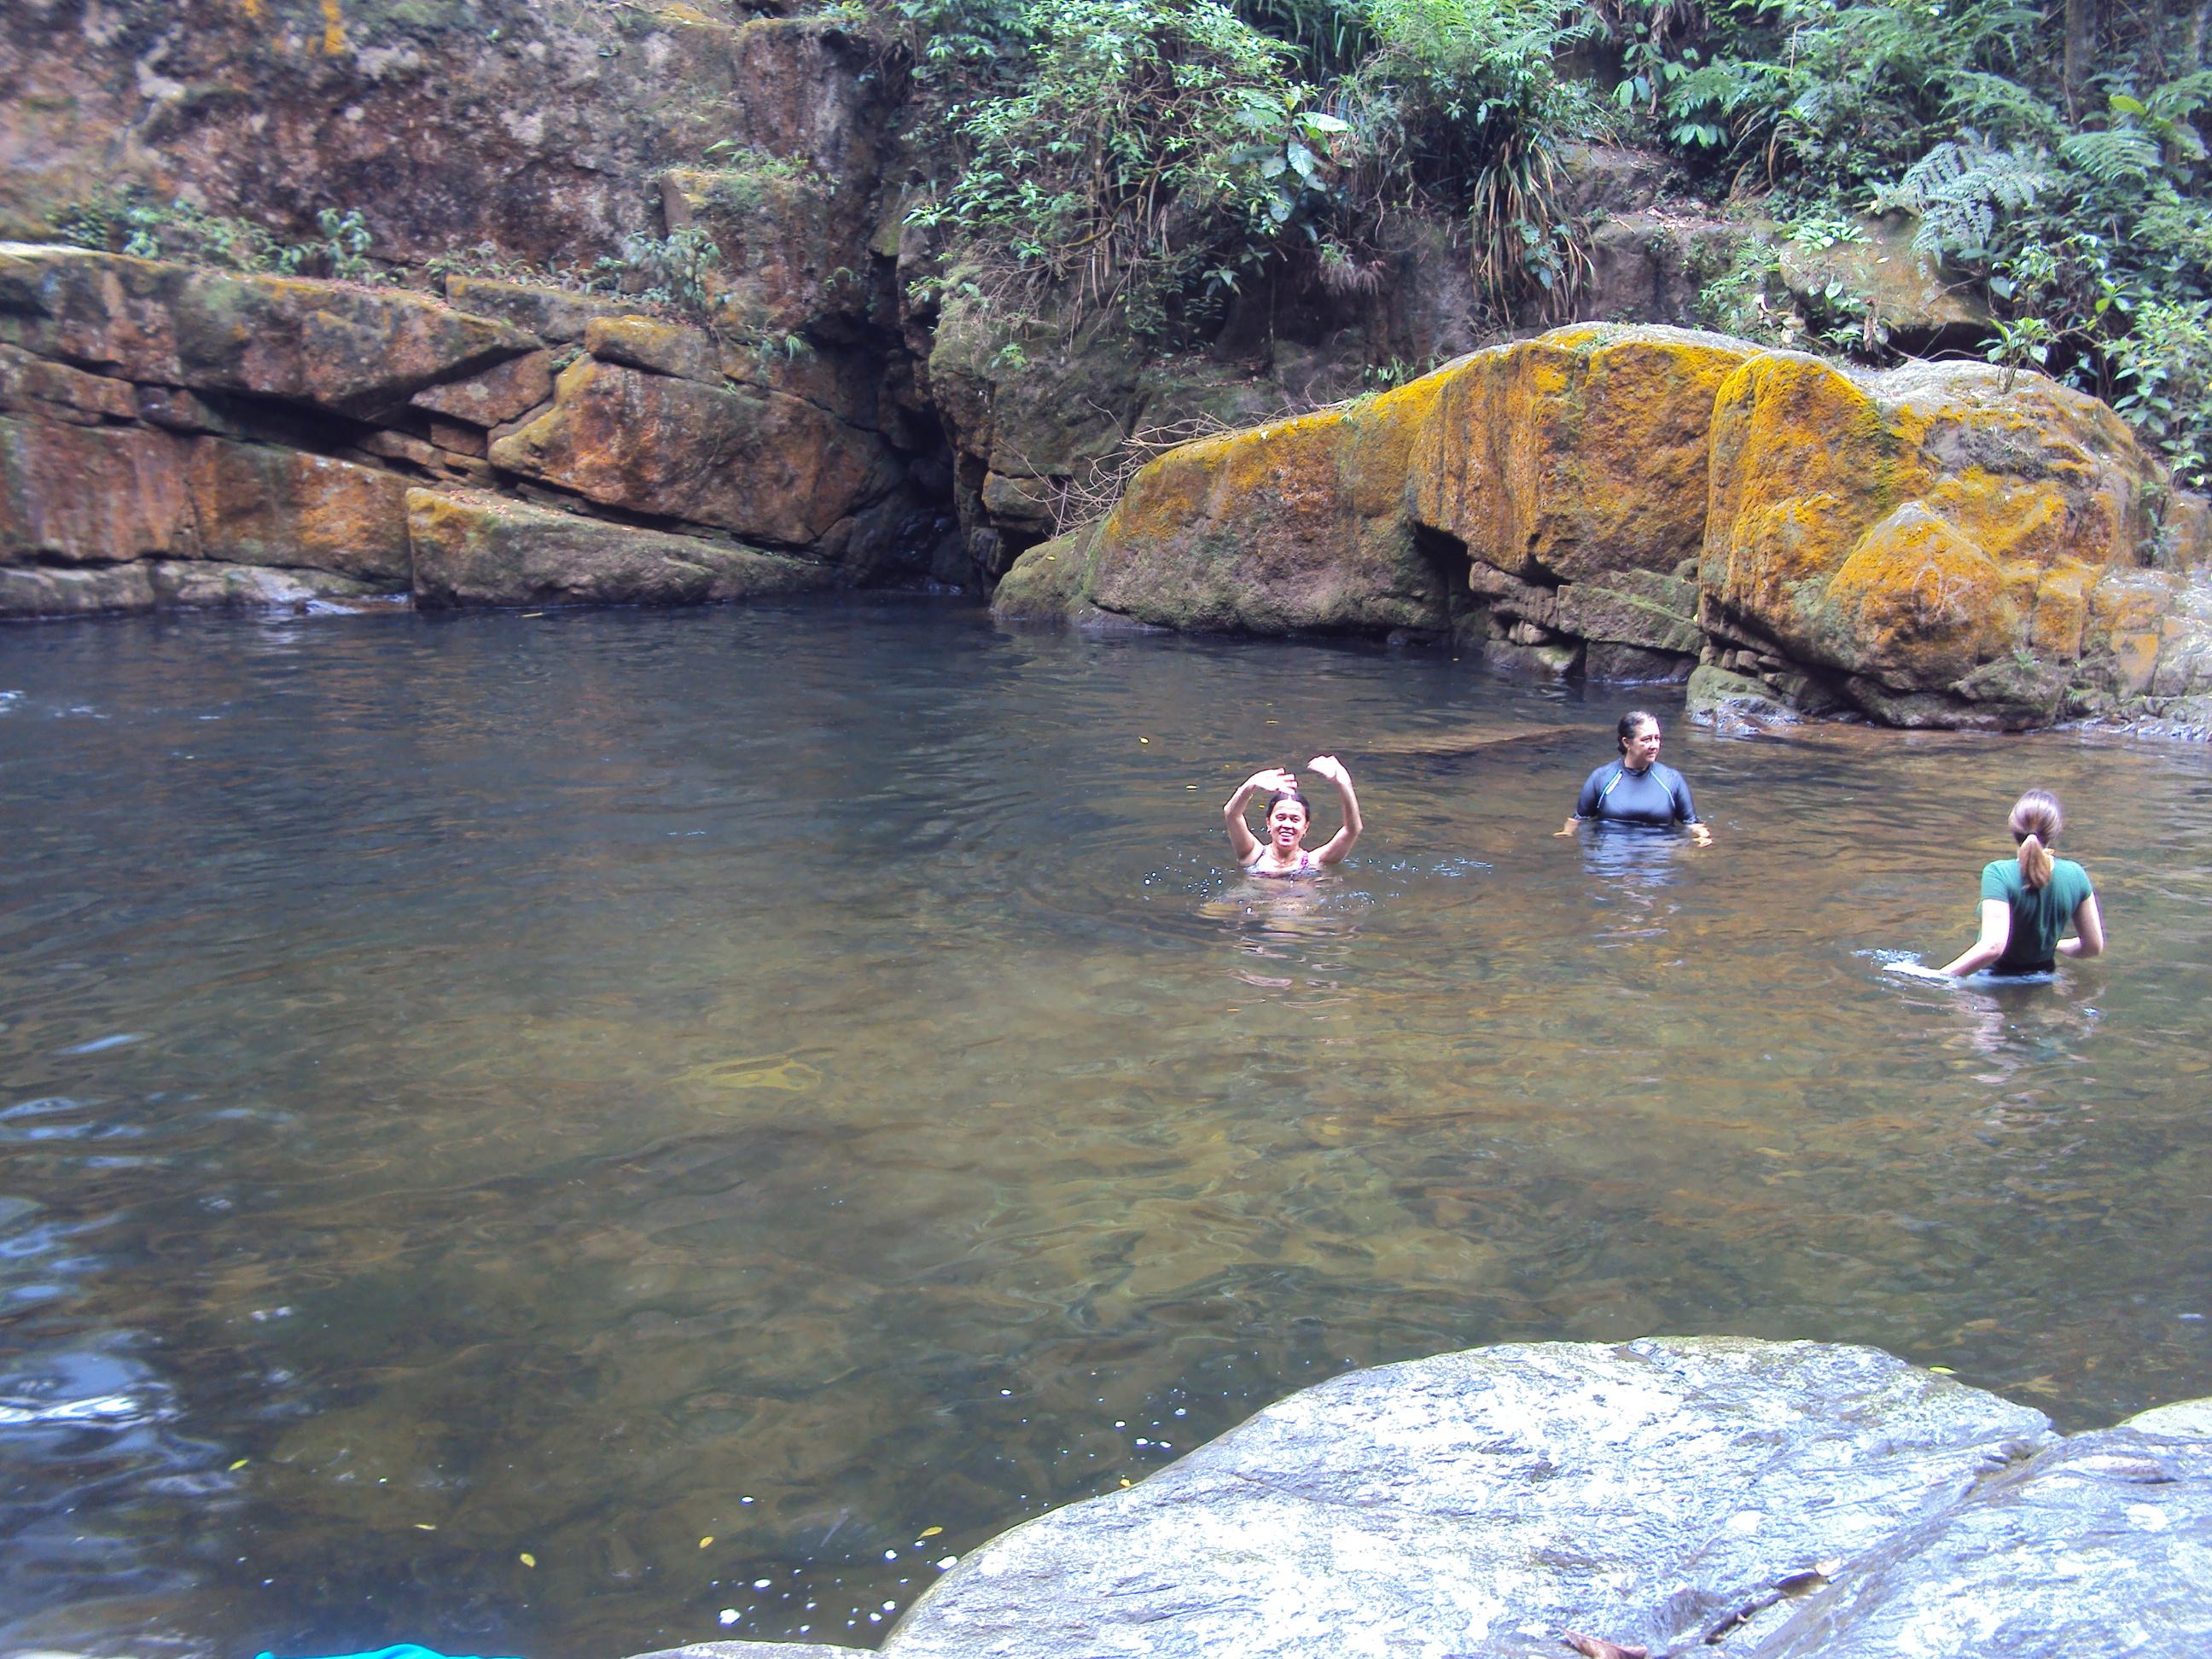 Vale das cachoeiras novembro 2014 036.jpg